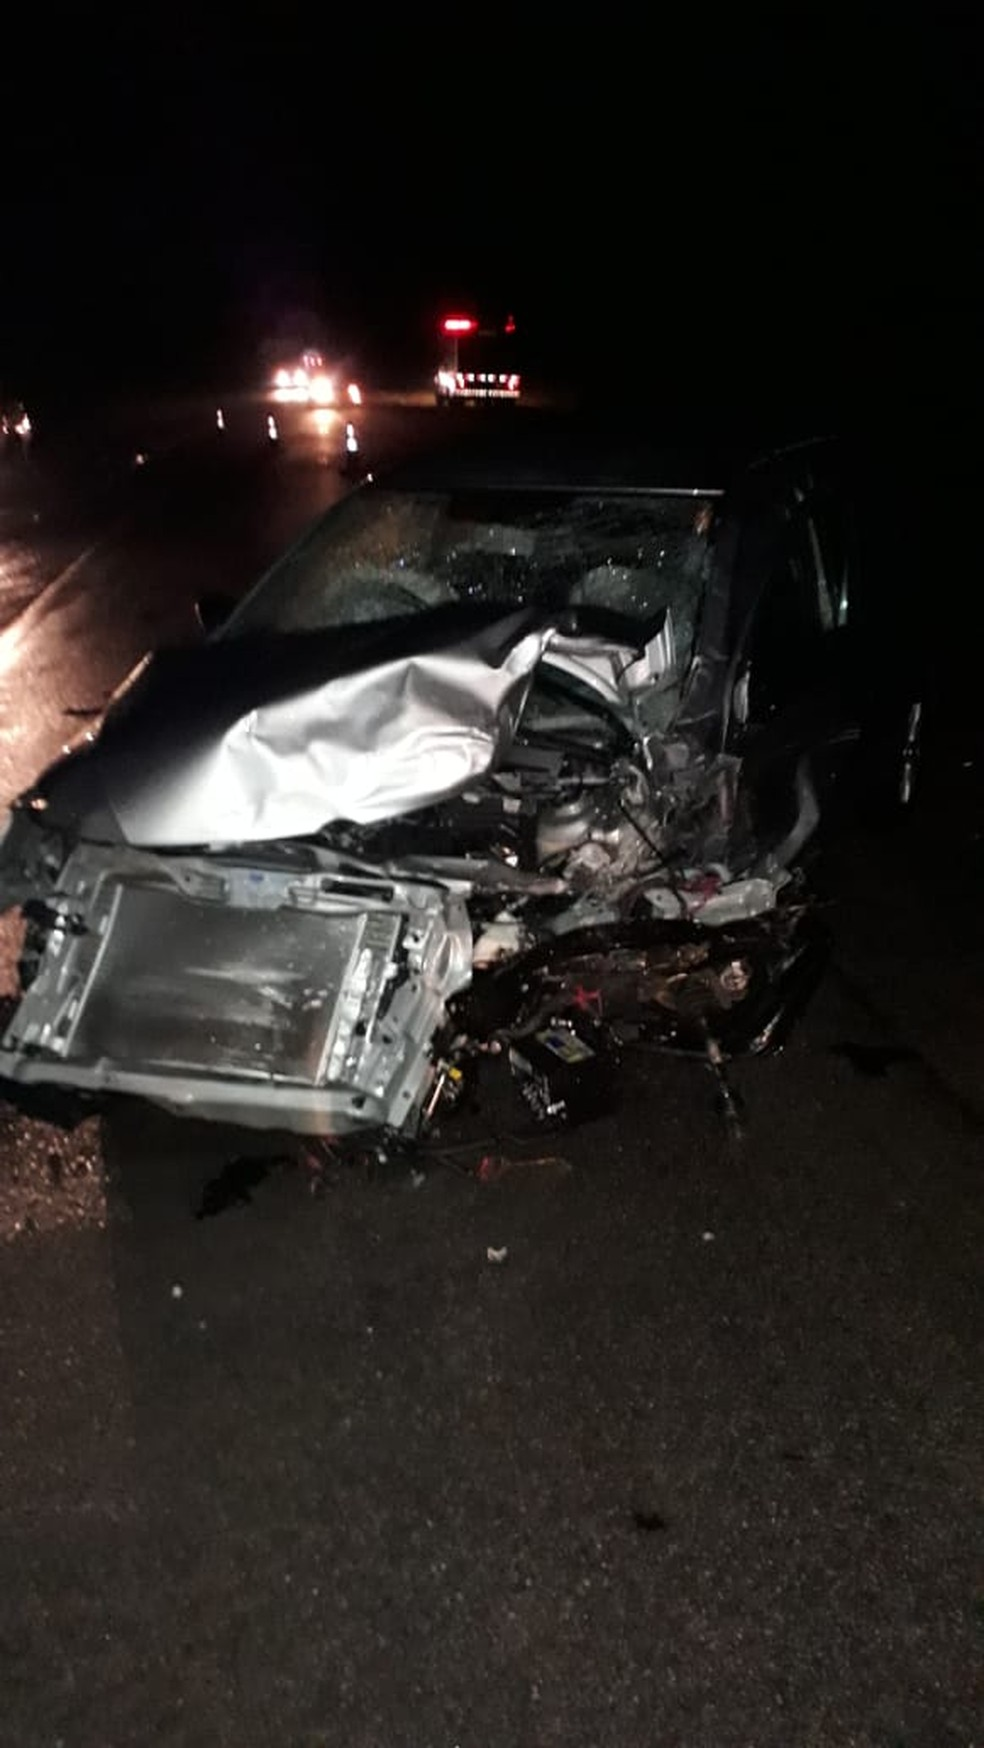 A polícia não soube informar as causas do acidente, que ainda serão investigadas (Foto: PRF/Divulgação)